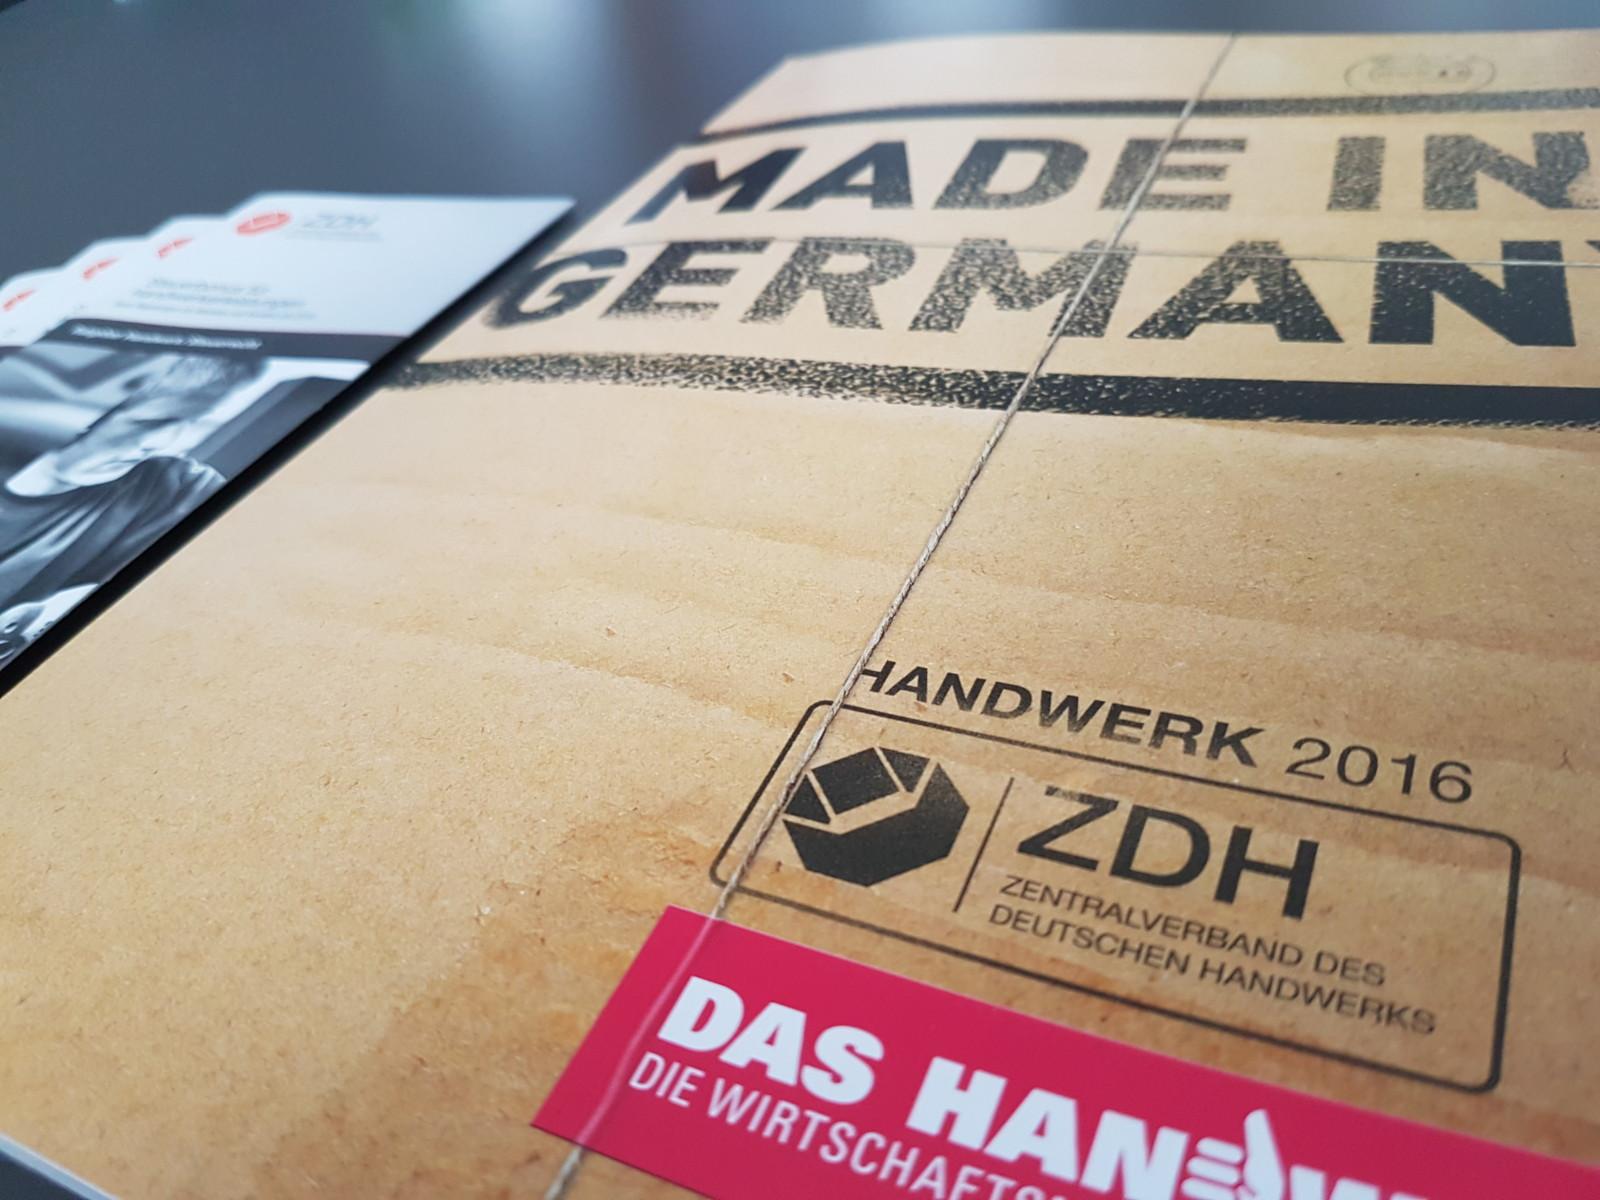 Made in Germany - Handwerk - ZDH